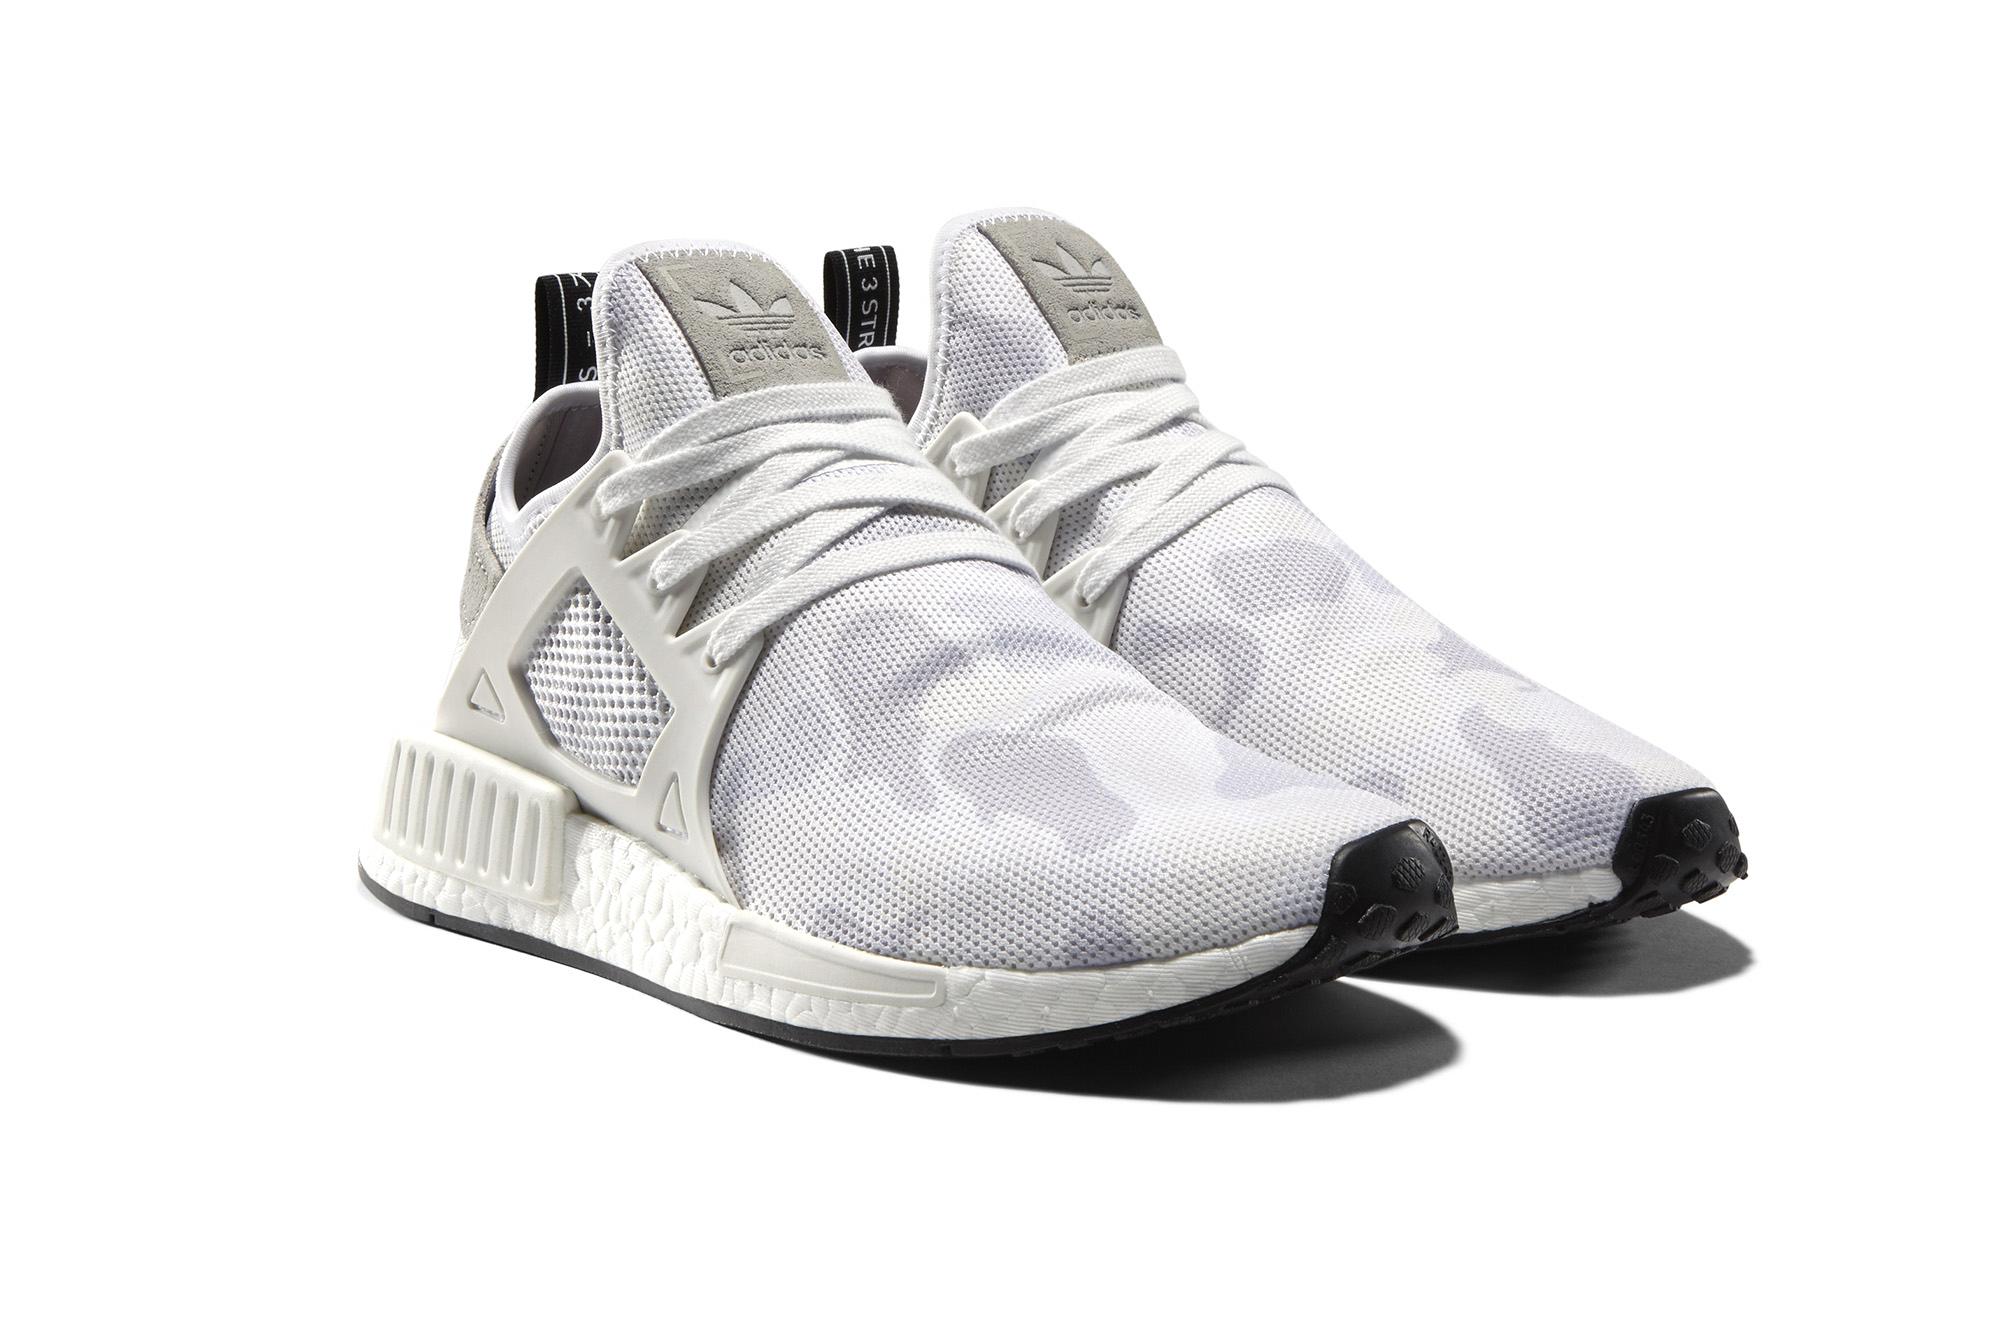 Adidas NMD XR1 GREY Size 8 eBay